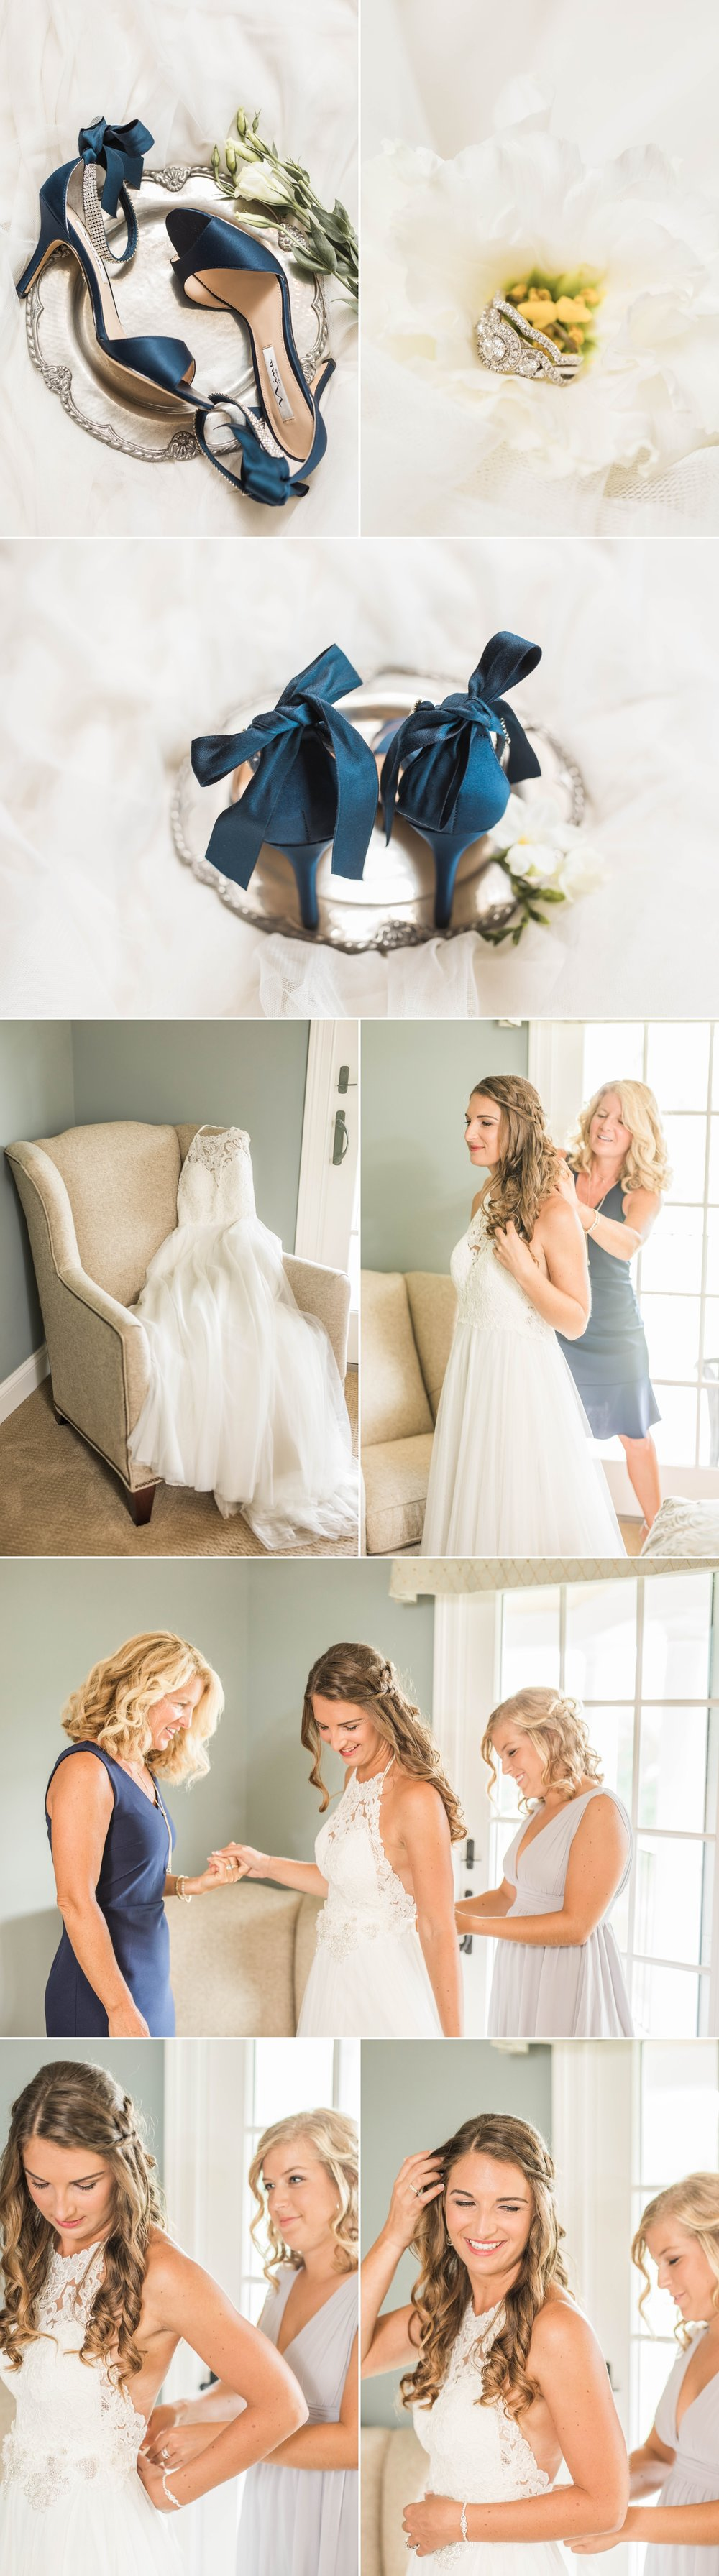 bridal details indiana wedding getting ready